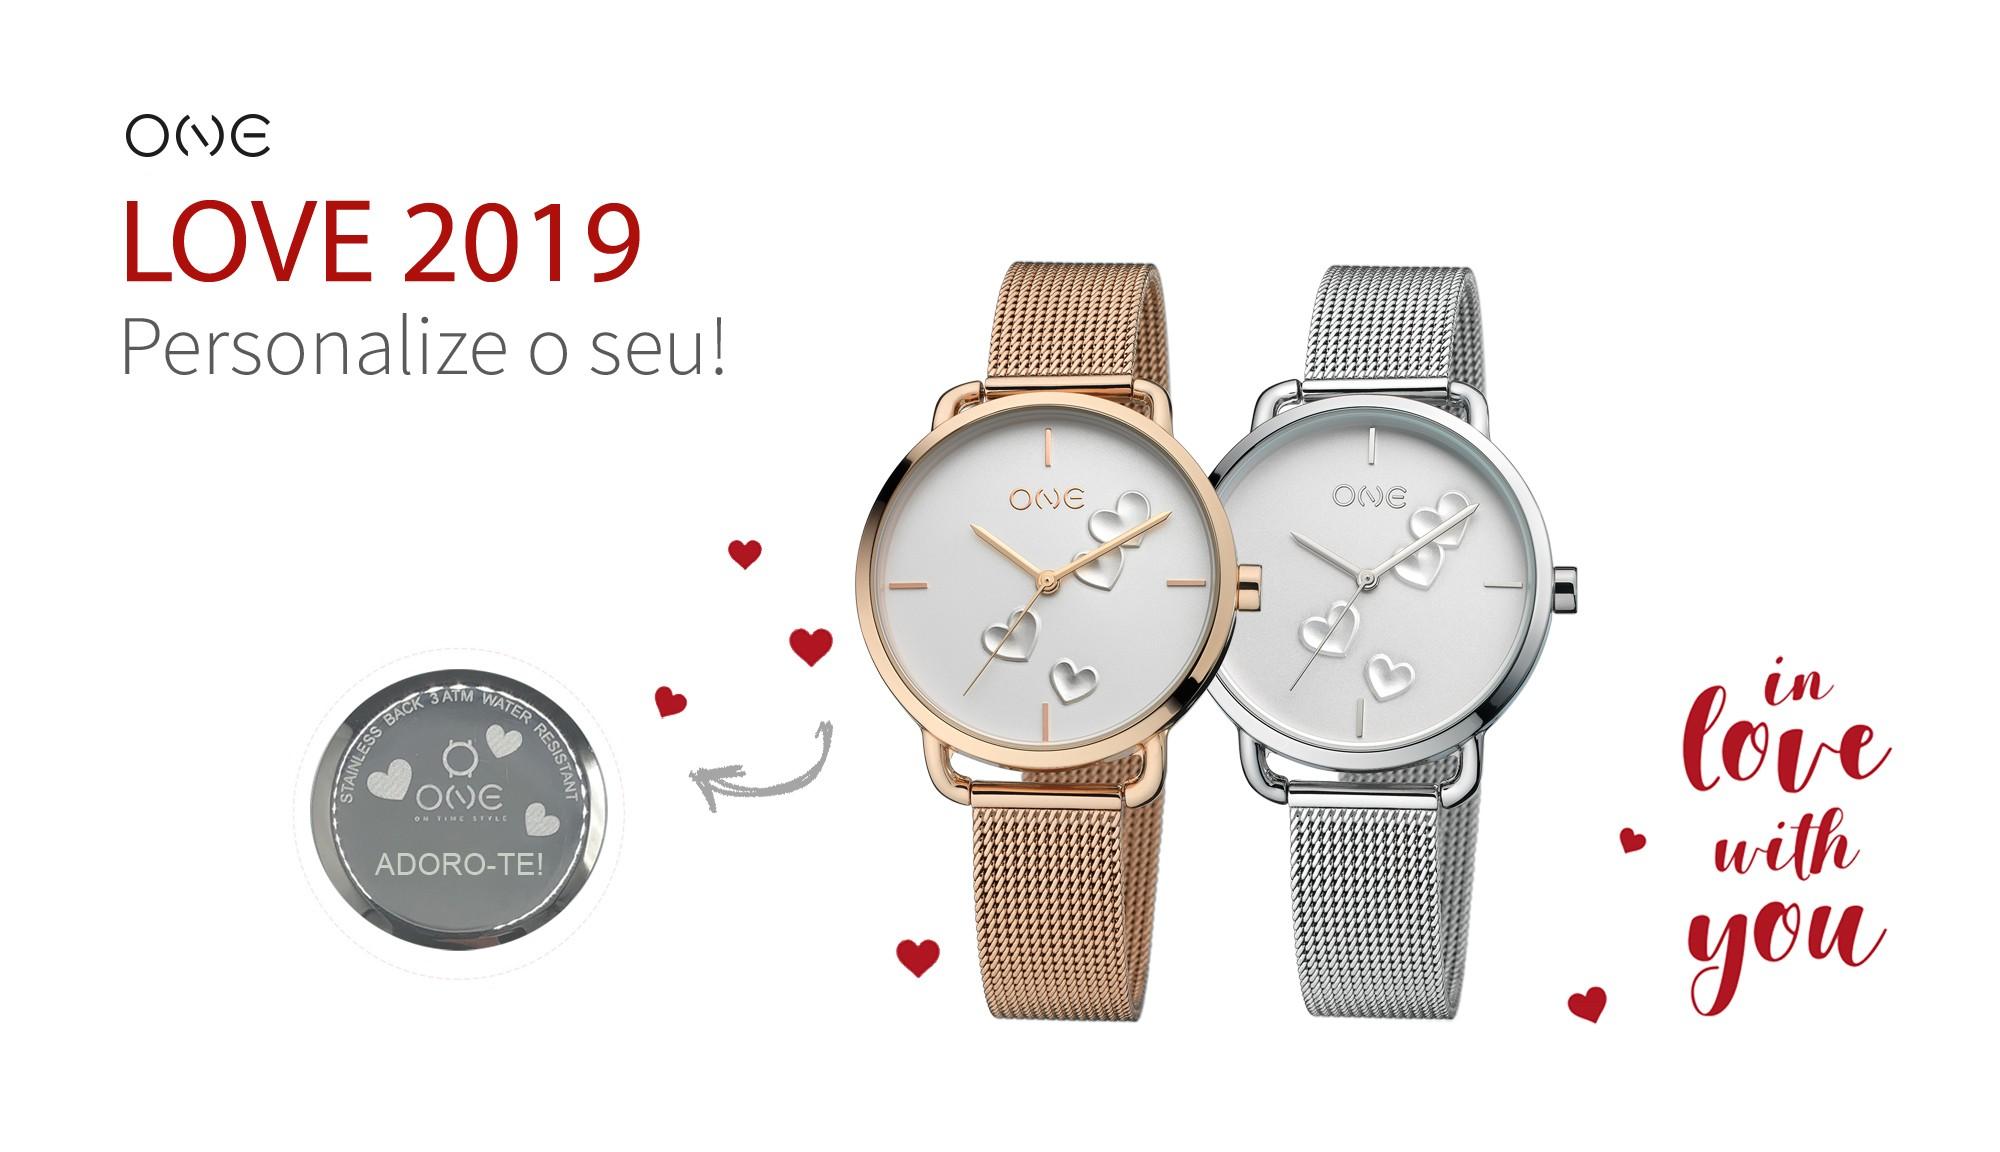 Relógios ONE Love 2019